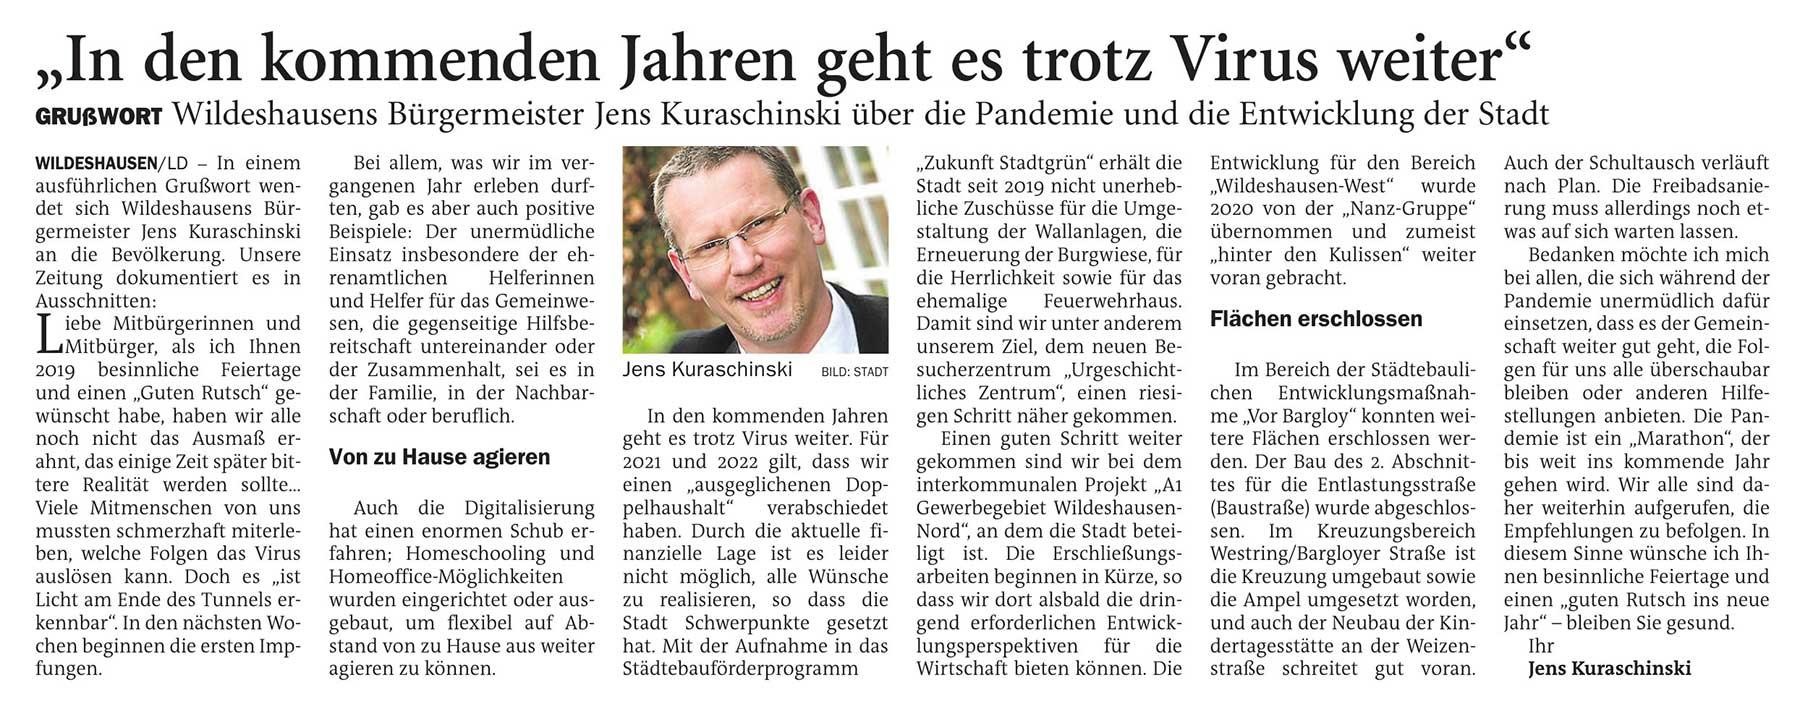 'In den kommenden Jahren geht es trotz Virus weiter'Grußwort: Wildeshausens Bürgermeister Jens Kuraschinski über die Pandemie und die Entwicklung der StadtArtikel vom 23.12.2020 (NWZ)